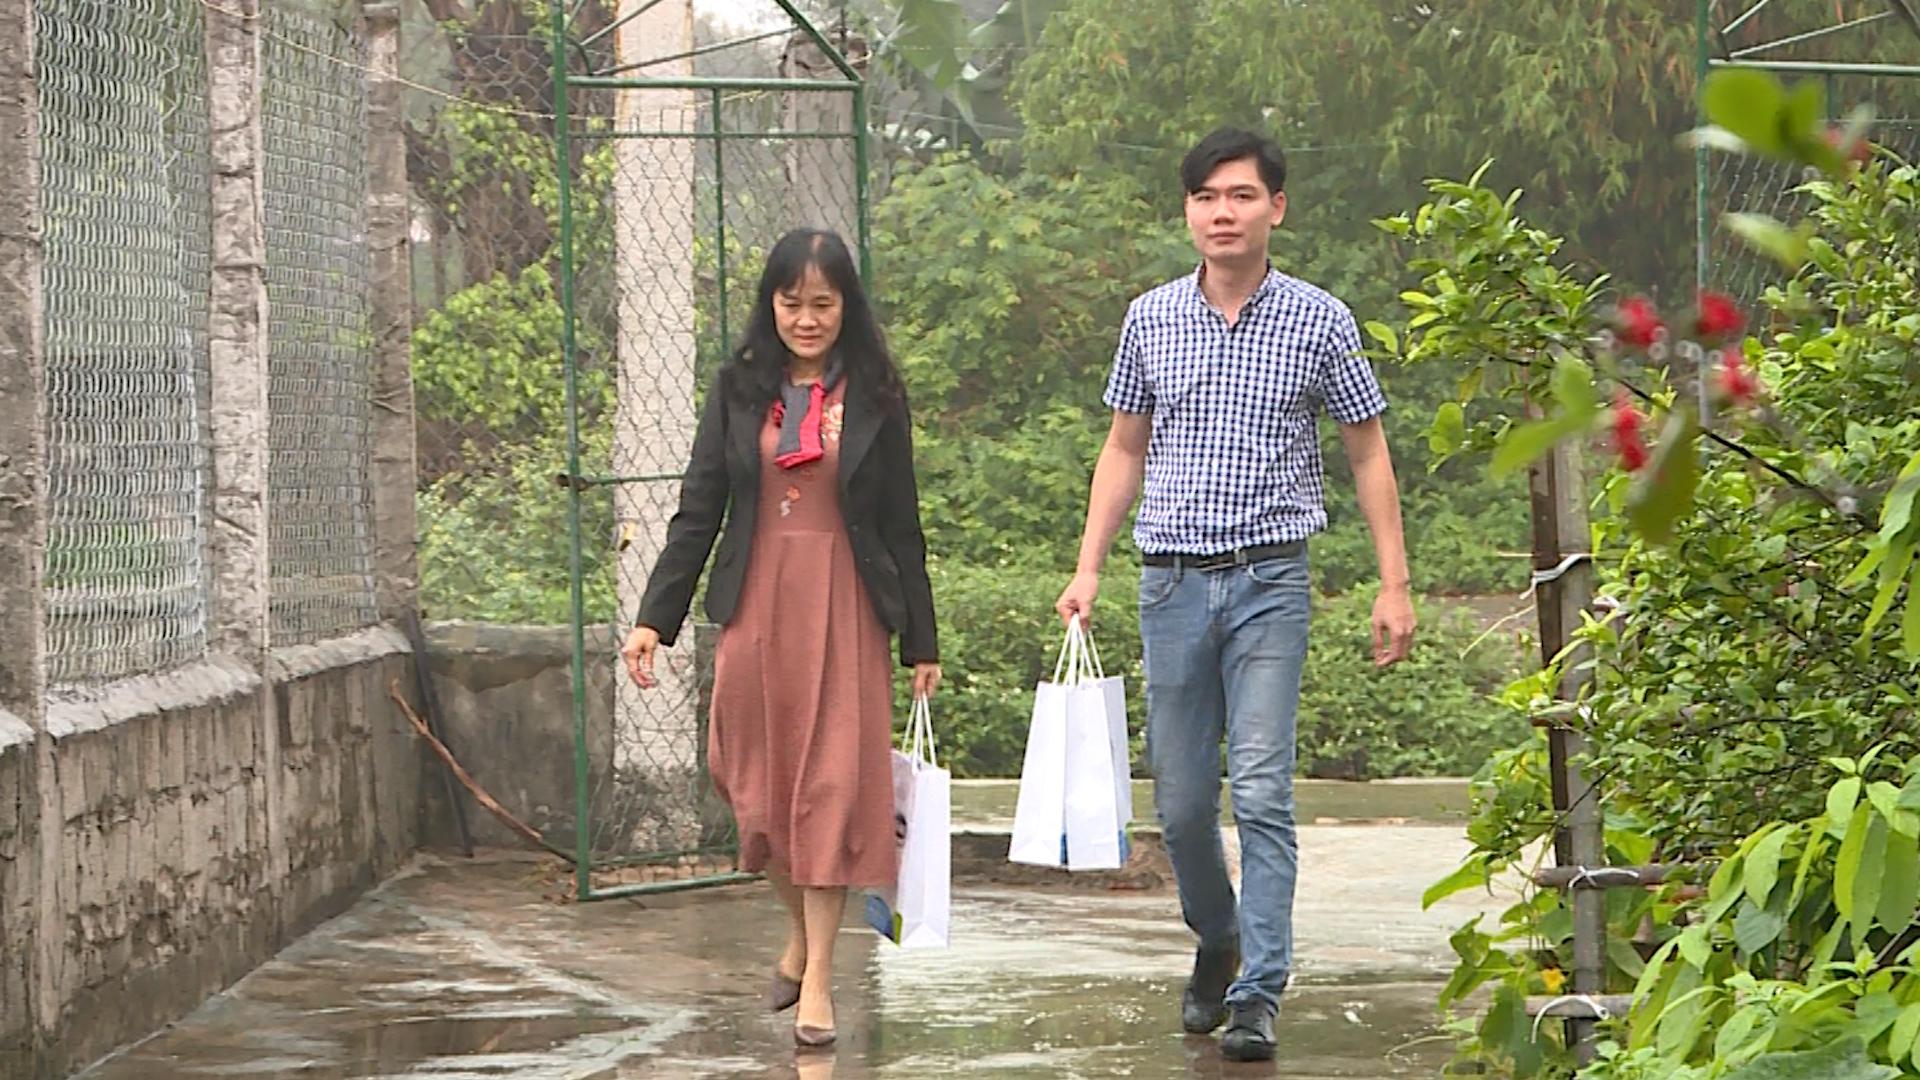 Vinamilk cùng Cặp lá yêu thương tiếp sức đến trường cho trẻ em tỉnh Ninh Bình - Ảnh 1